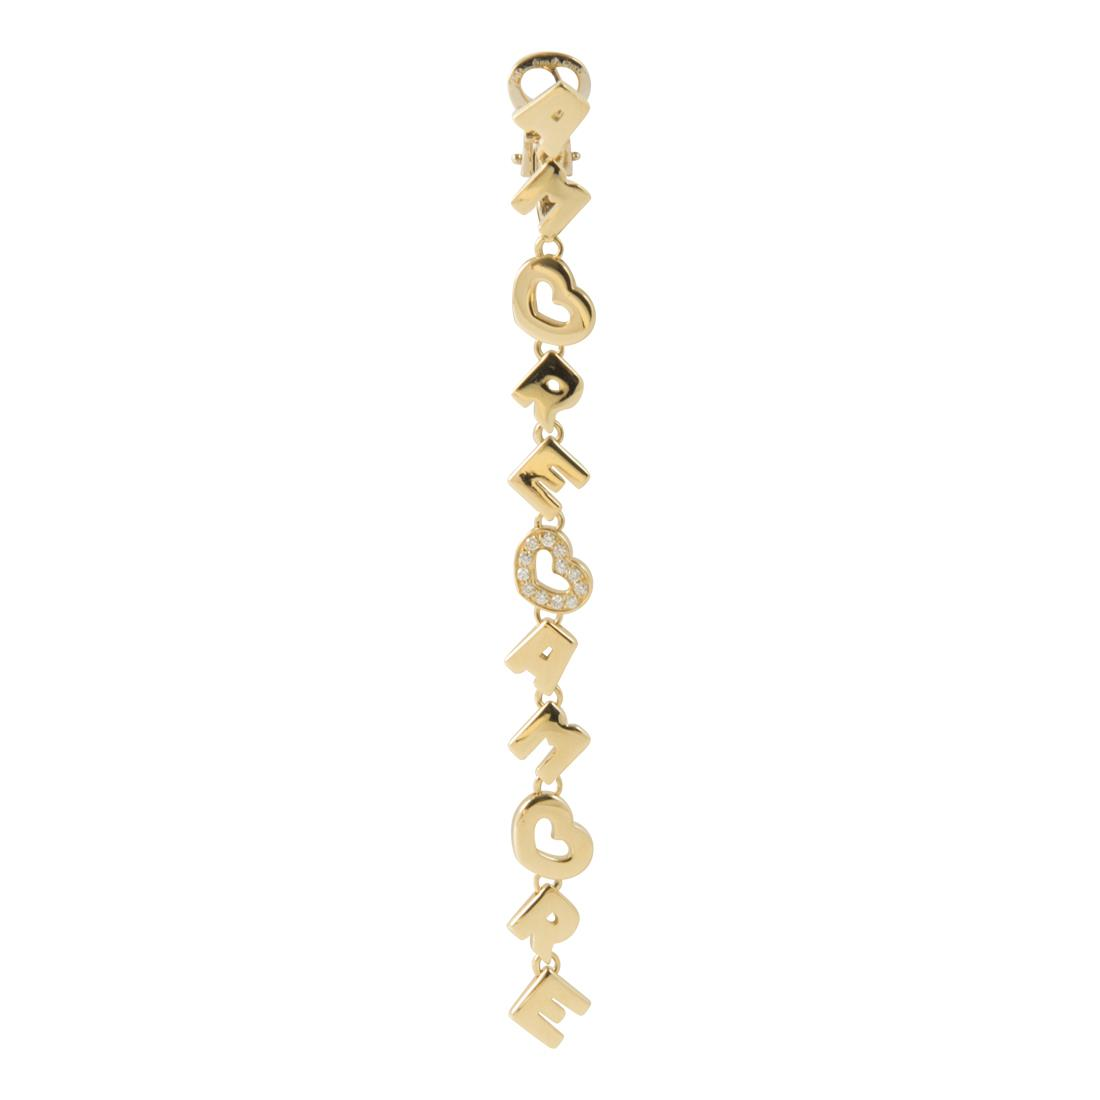 Monoorecchino in oro giallo con diamanti ct 0.08 - PASQUALE BRUNI